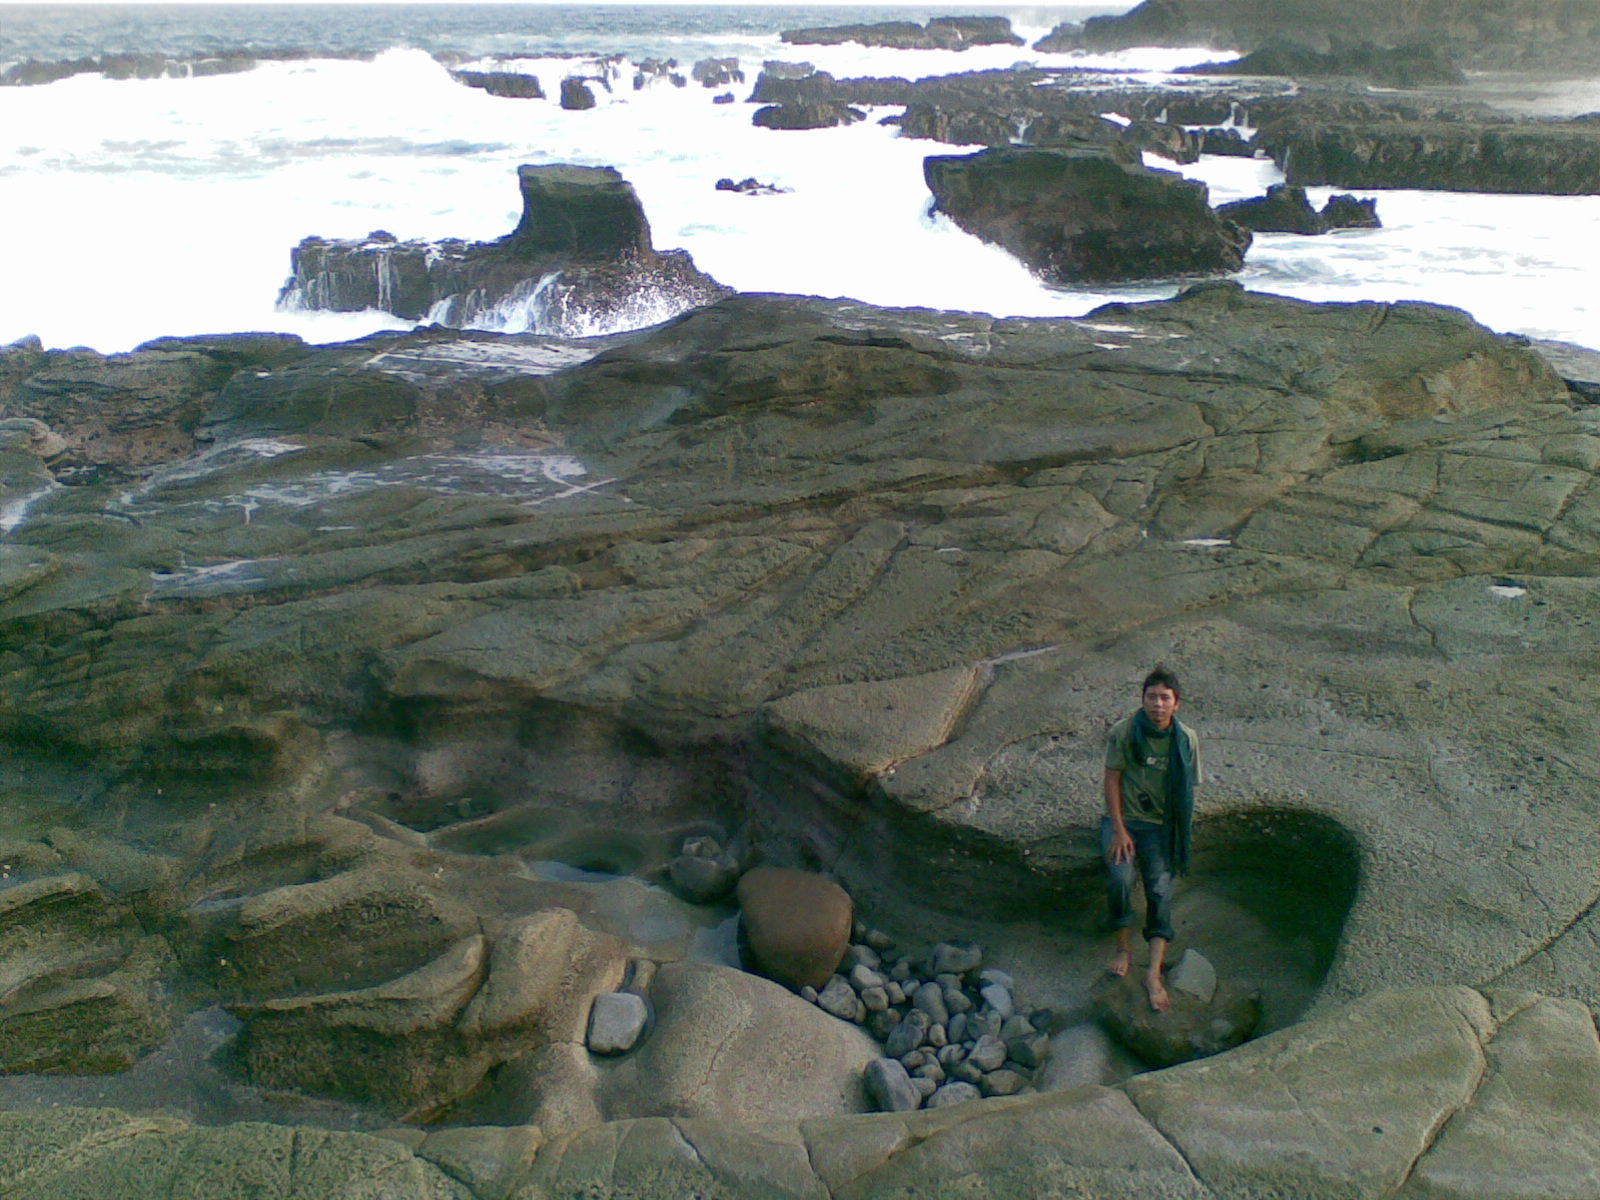 Pantai Eksotis Tanjung Papuma Jember Kupu Biru Surut Kab